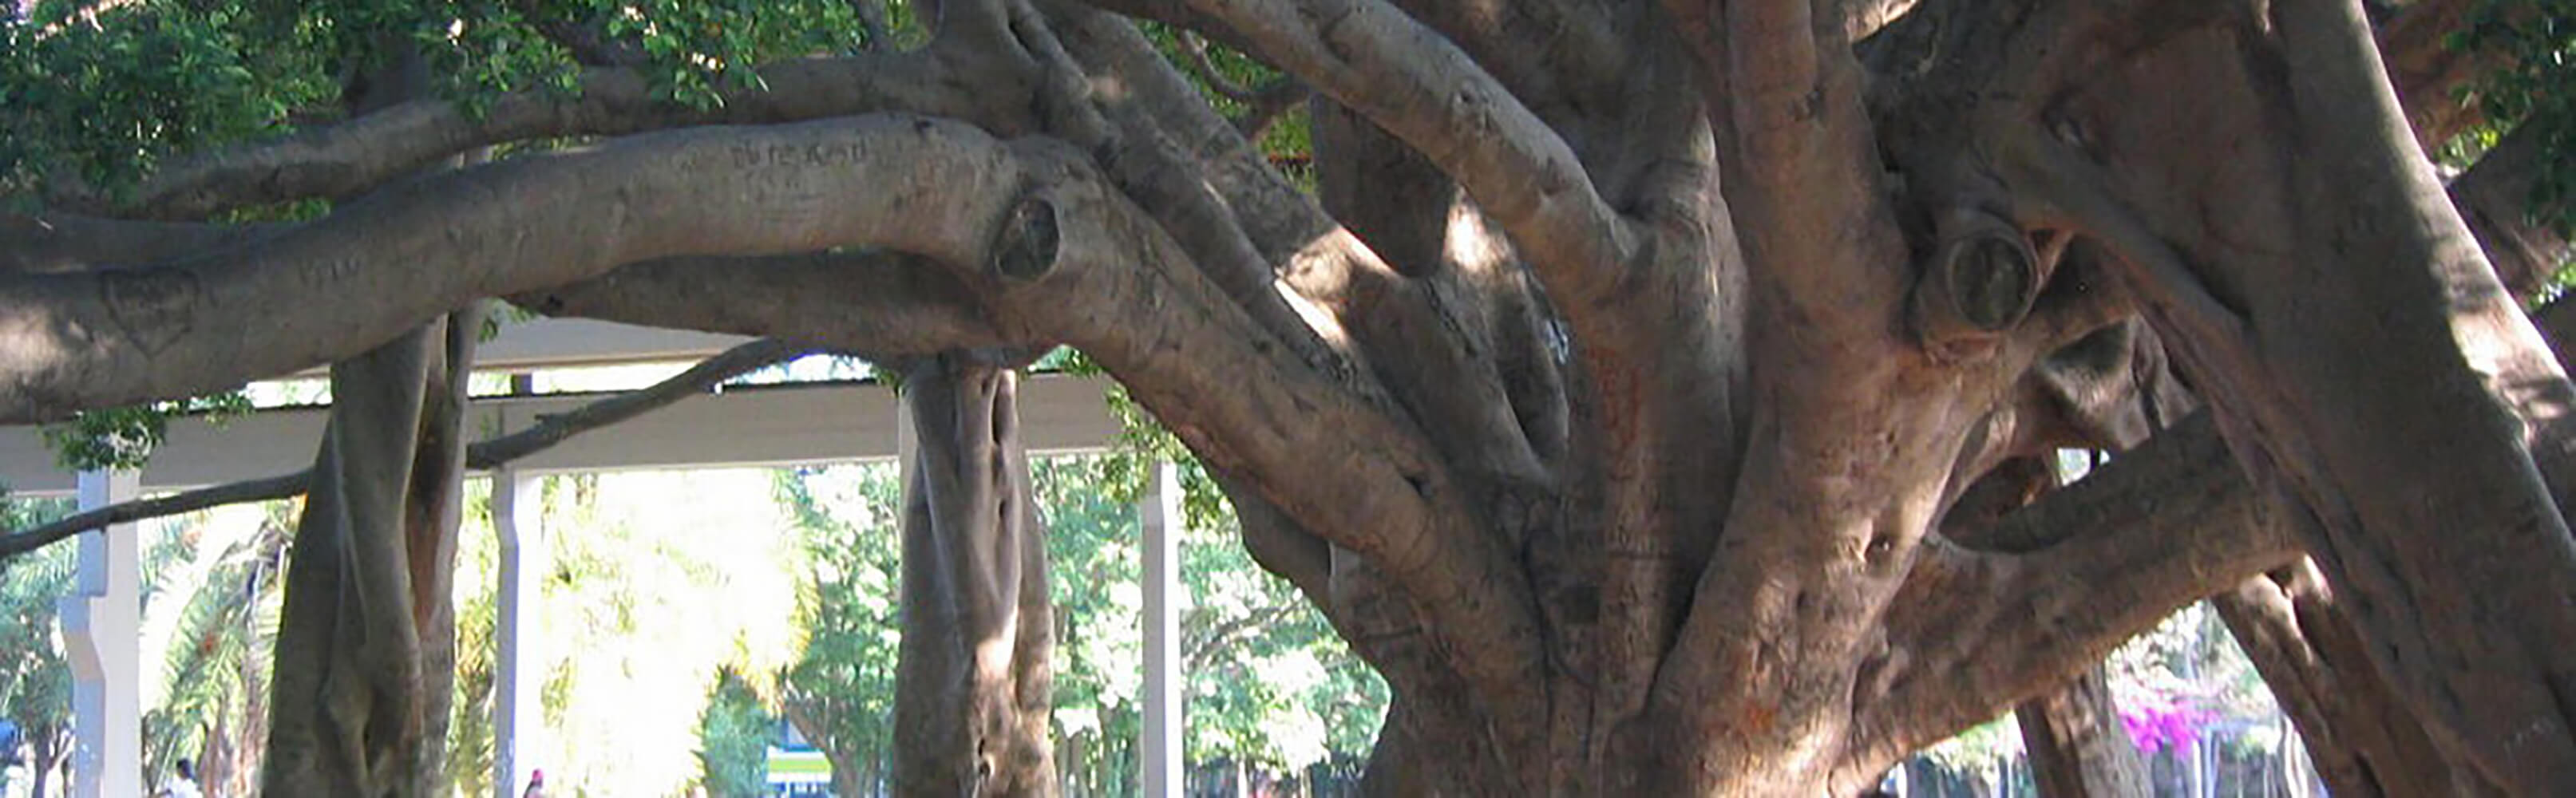 Parque do Ibirapuera 1